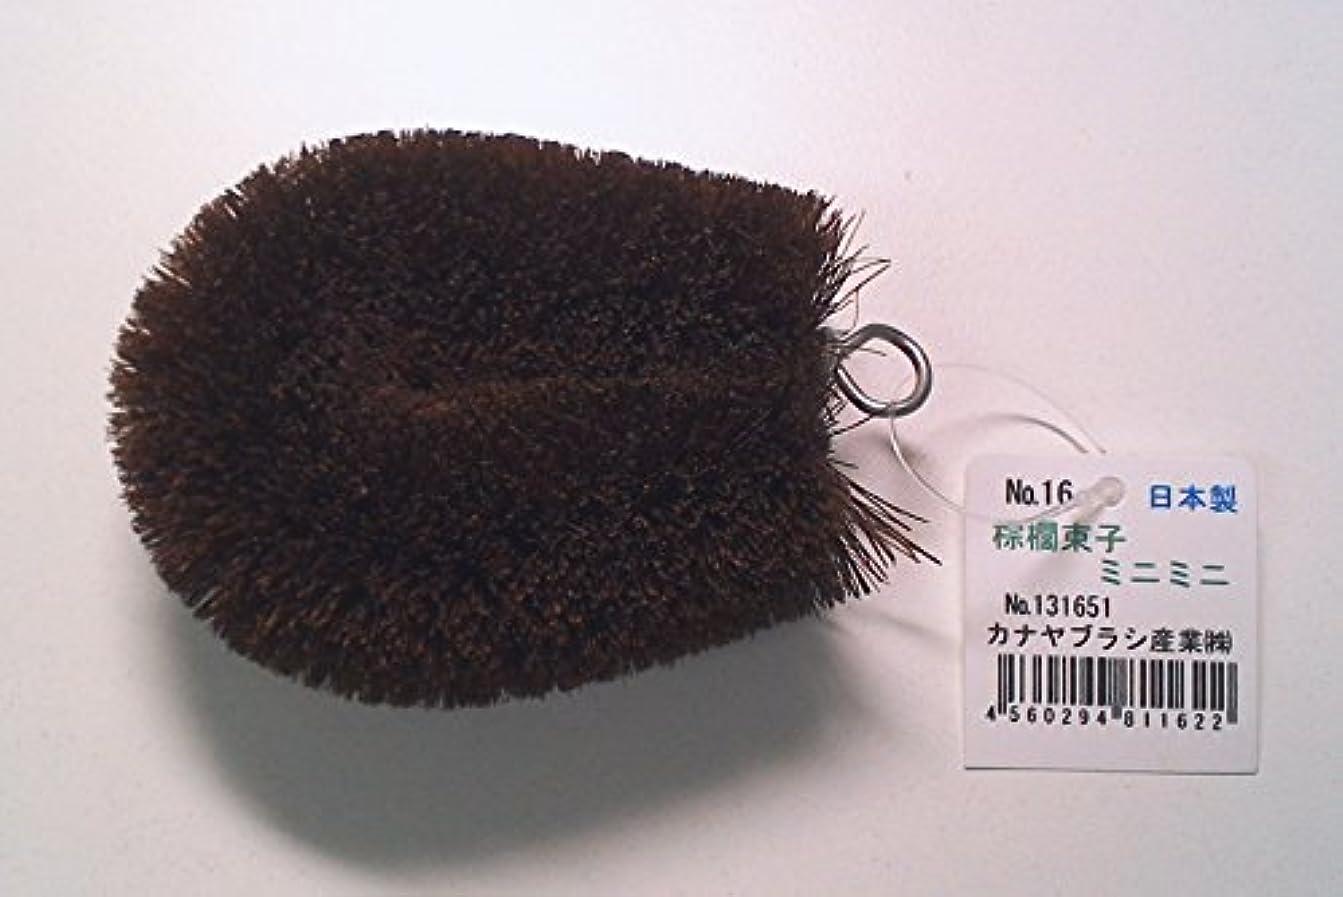 人生を作る製造業粘り強い棕櫚束子ミニミニ かかとすべすべボディブラシ! 足裏マッサージにどうぞ! No131651